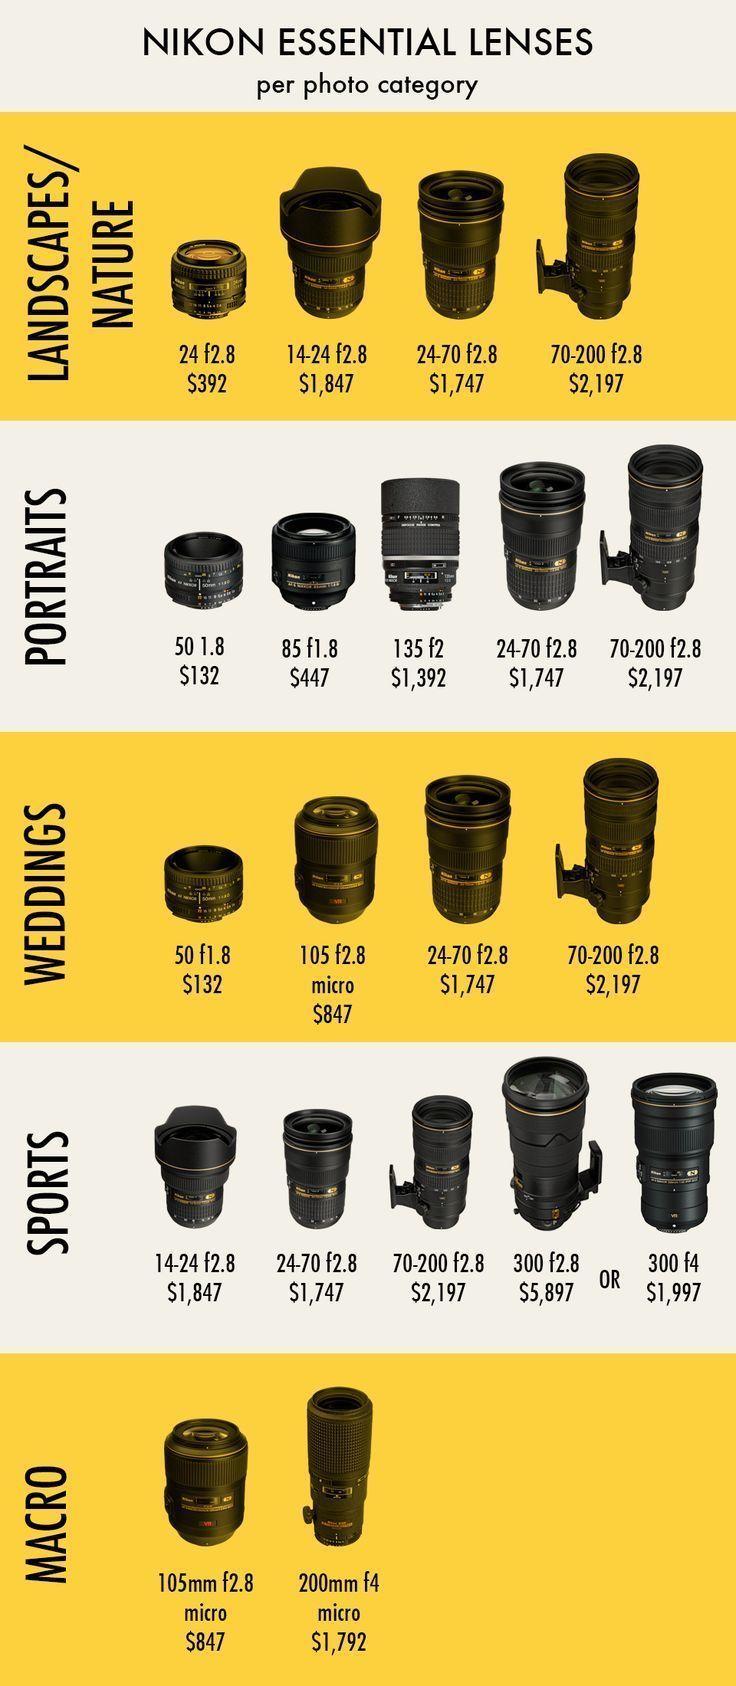 Cloistered DSLR-Kamera für Anfänger Verschlusszeit #DSLRphotographer #DslrCameraForBeginnersPhotographers